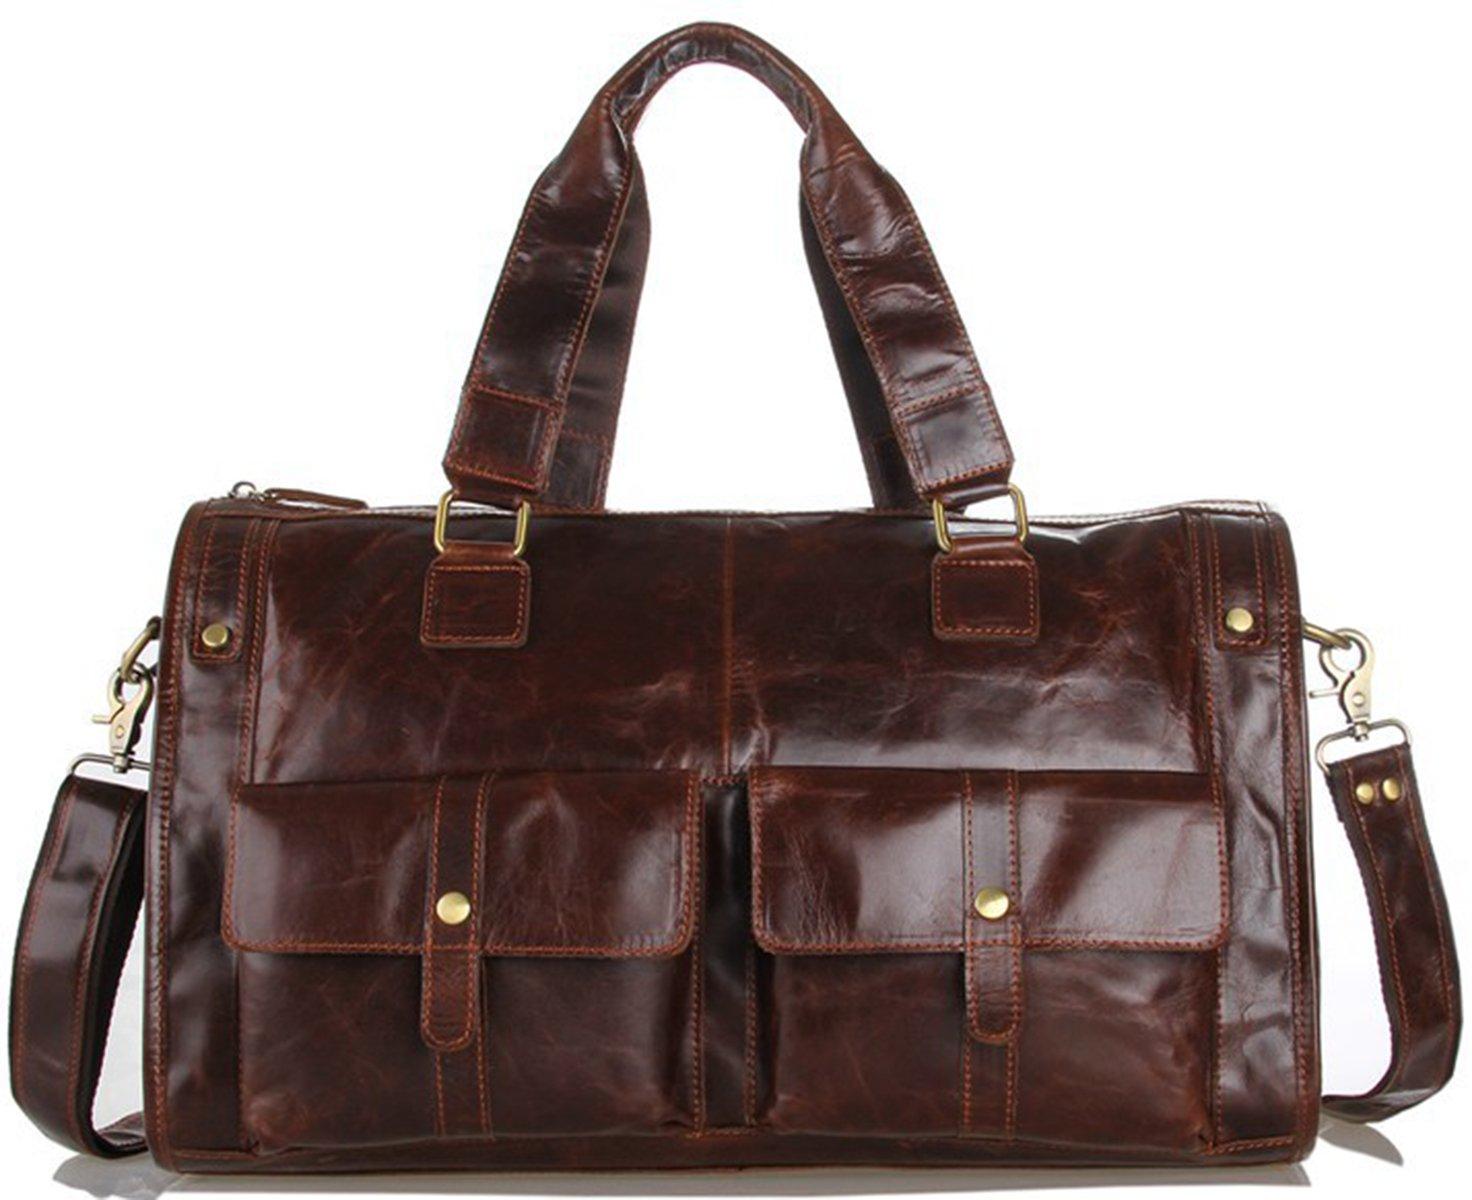 Genda 2Archer Genuine Leather Luggage Bag Travel Duffel Bag Shoulder Messenger Bag